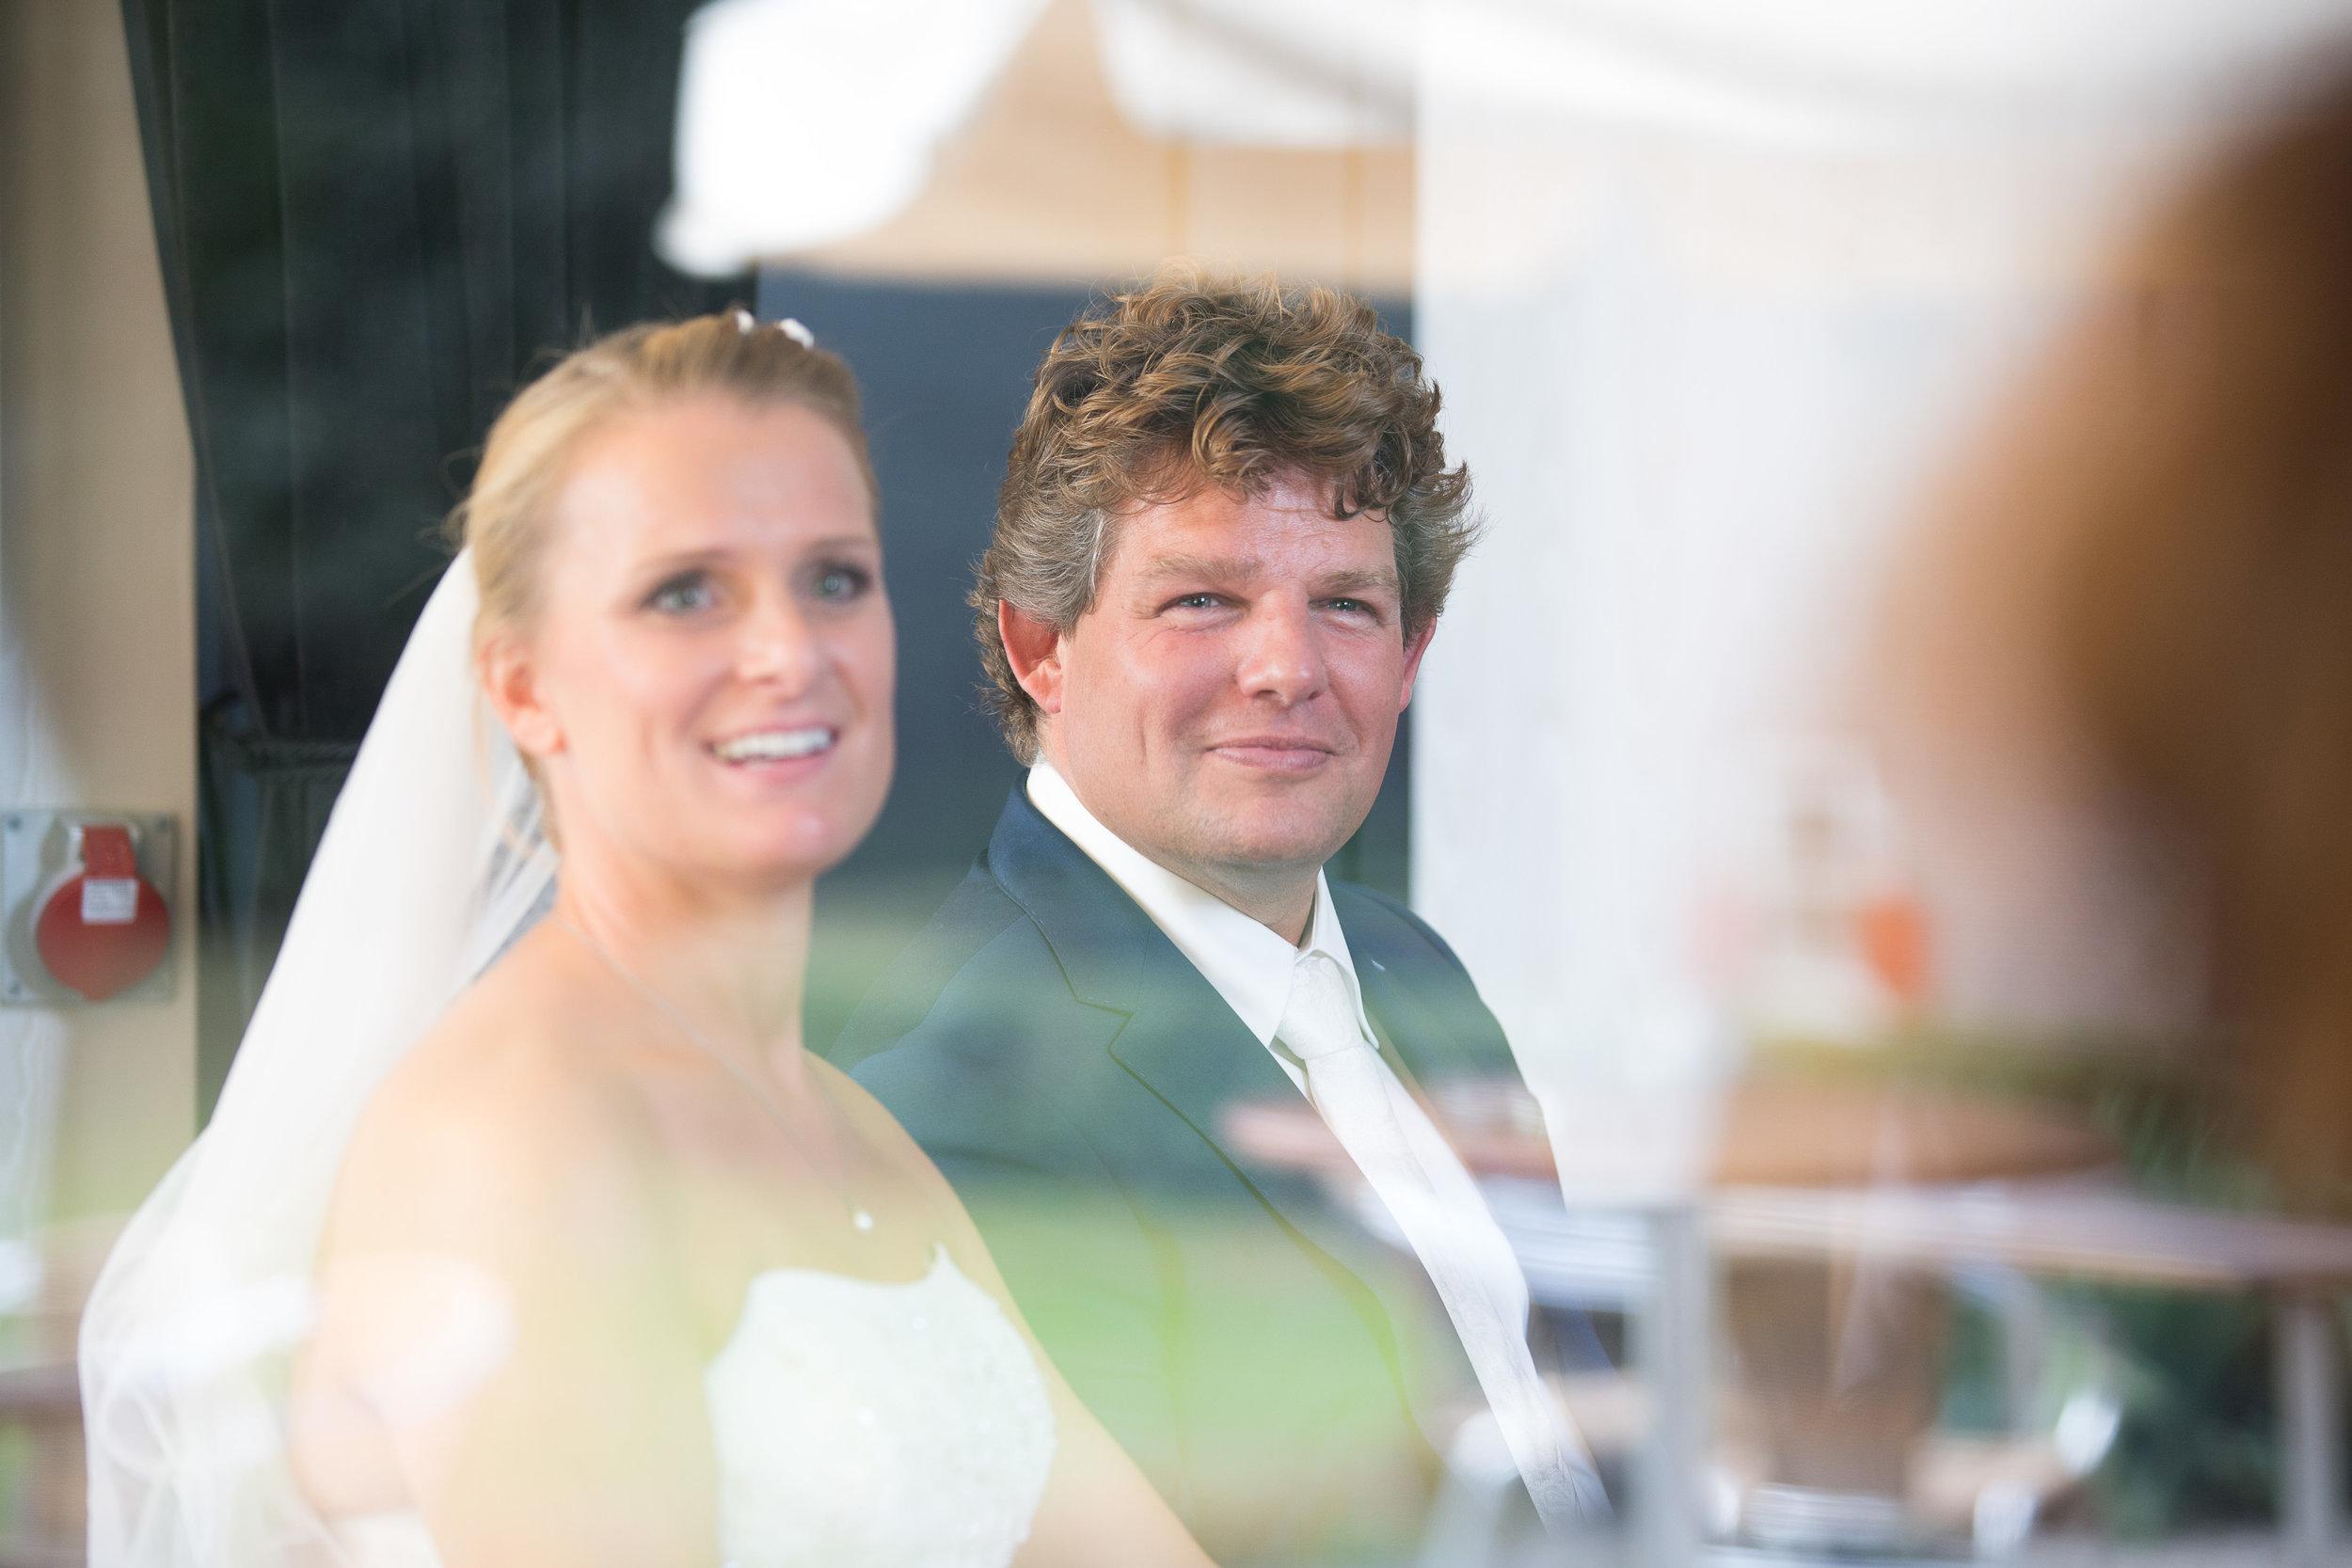 trouwshoot-bruidsfotografie-trouwfoto-feestfotografie-liselotte en matthijs-234.jpg